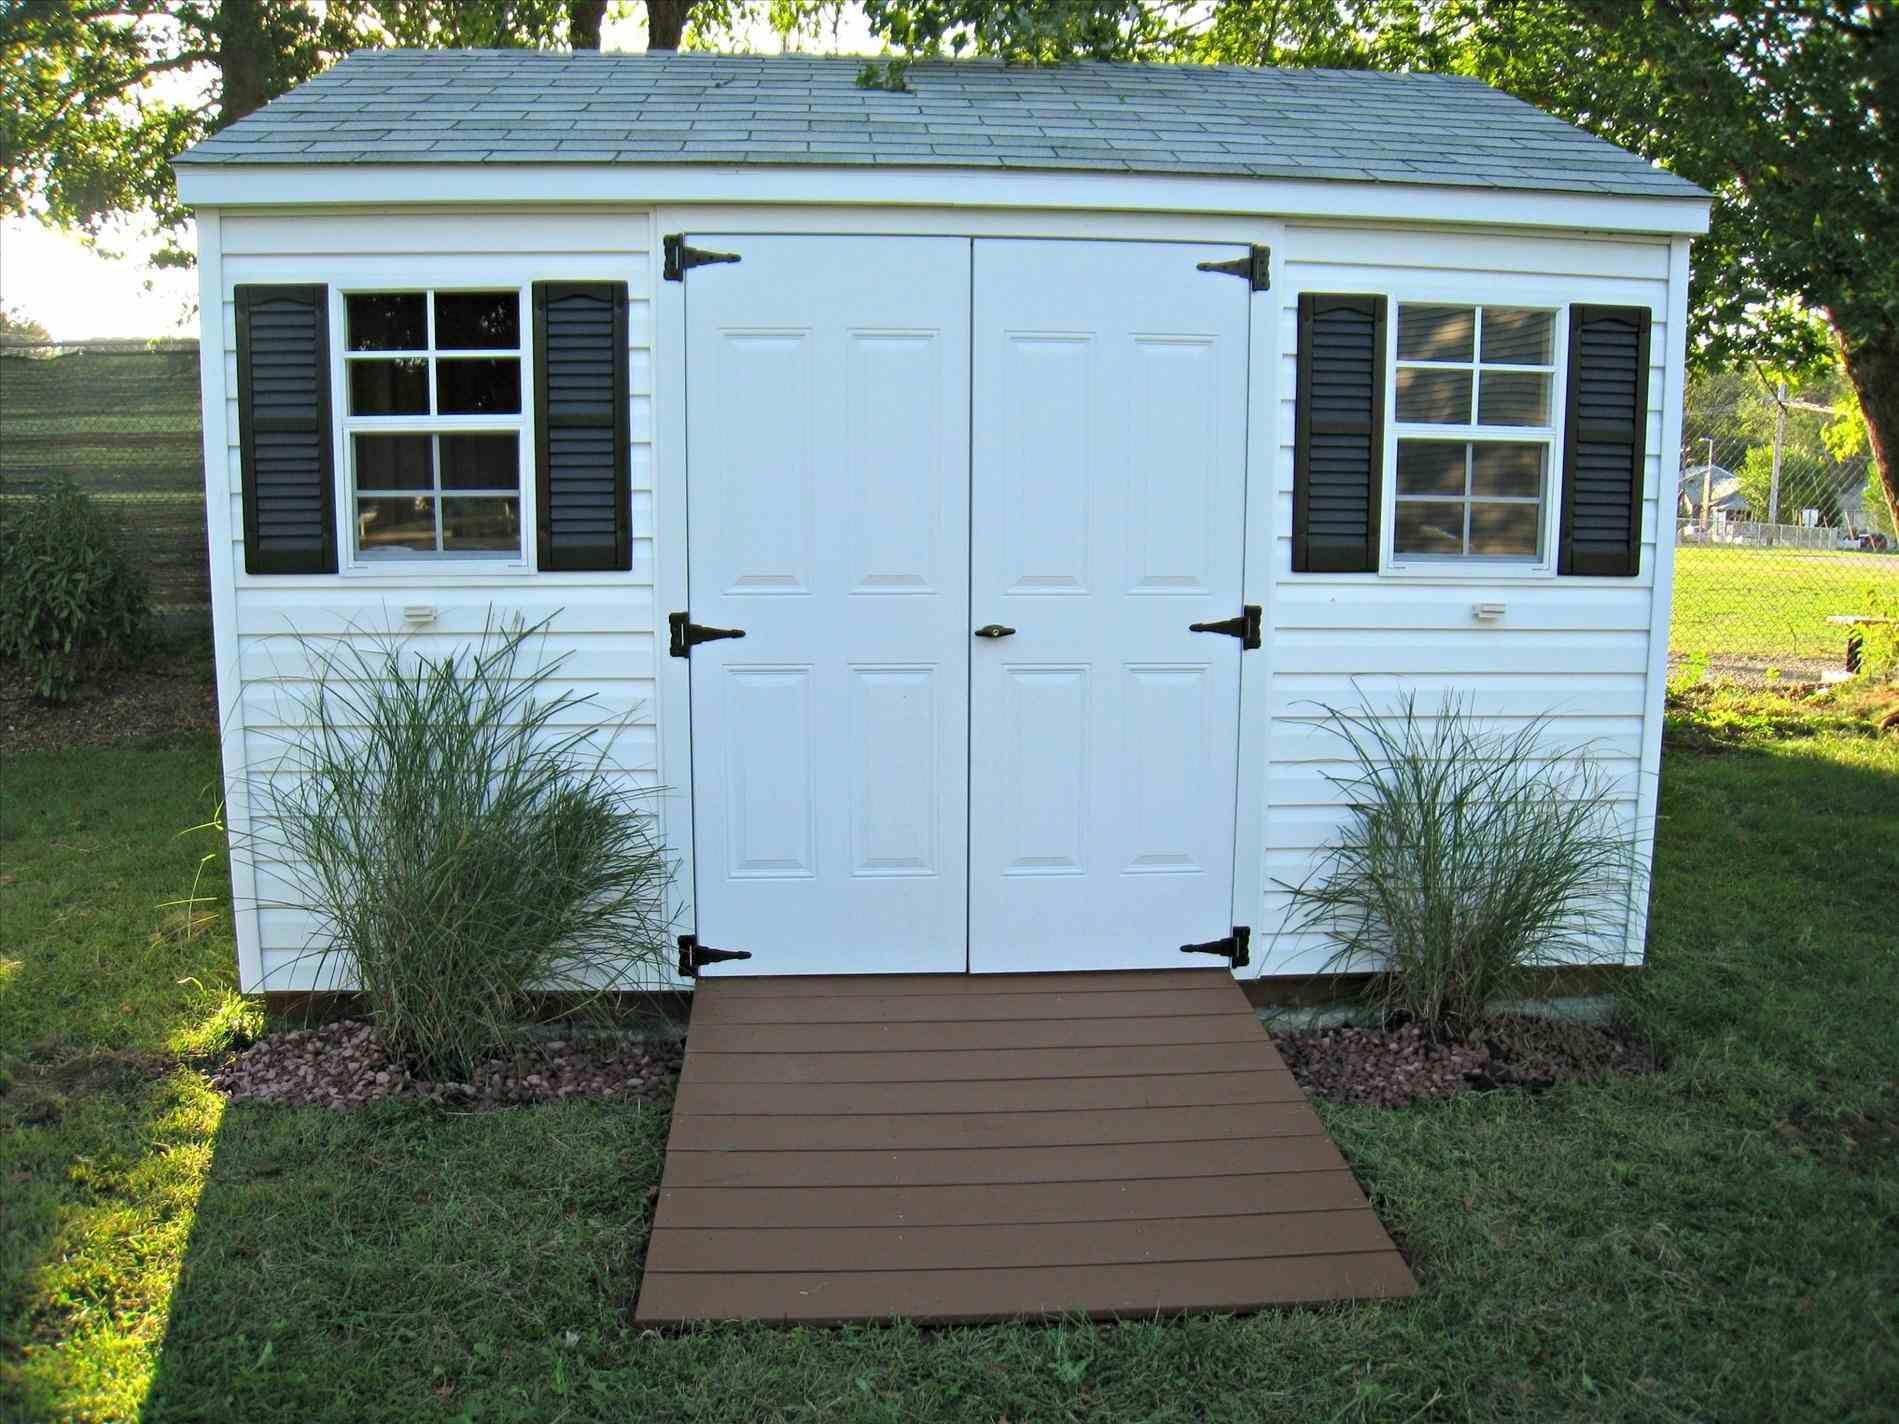 Shed Landscape Backyard | Shed landscaping, Storage shed ...